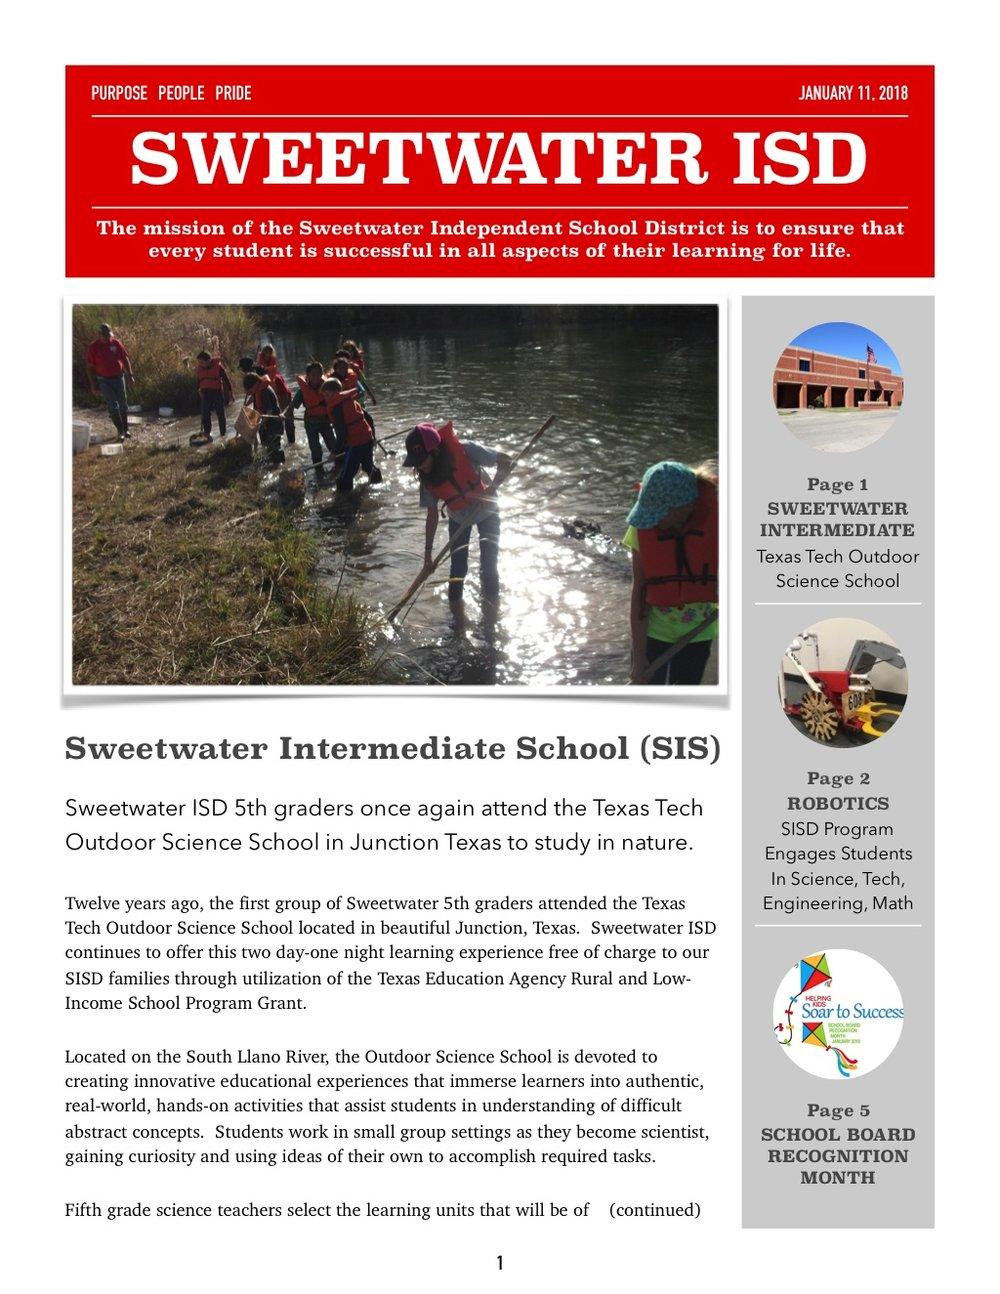 SISD Newsletter January 2018 copy-1.jpg